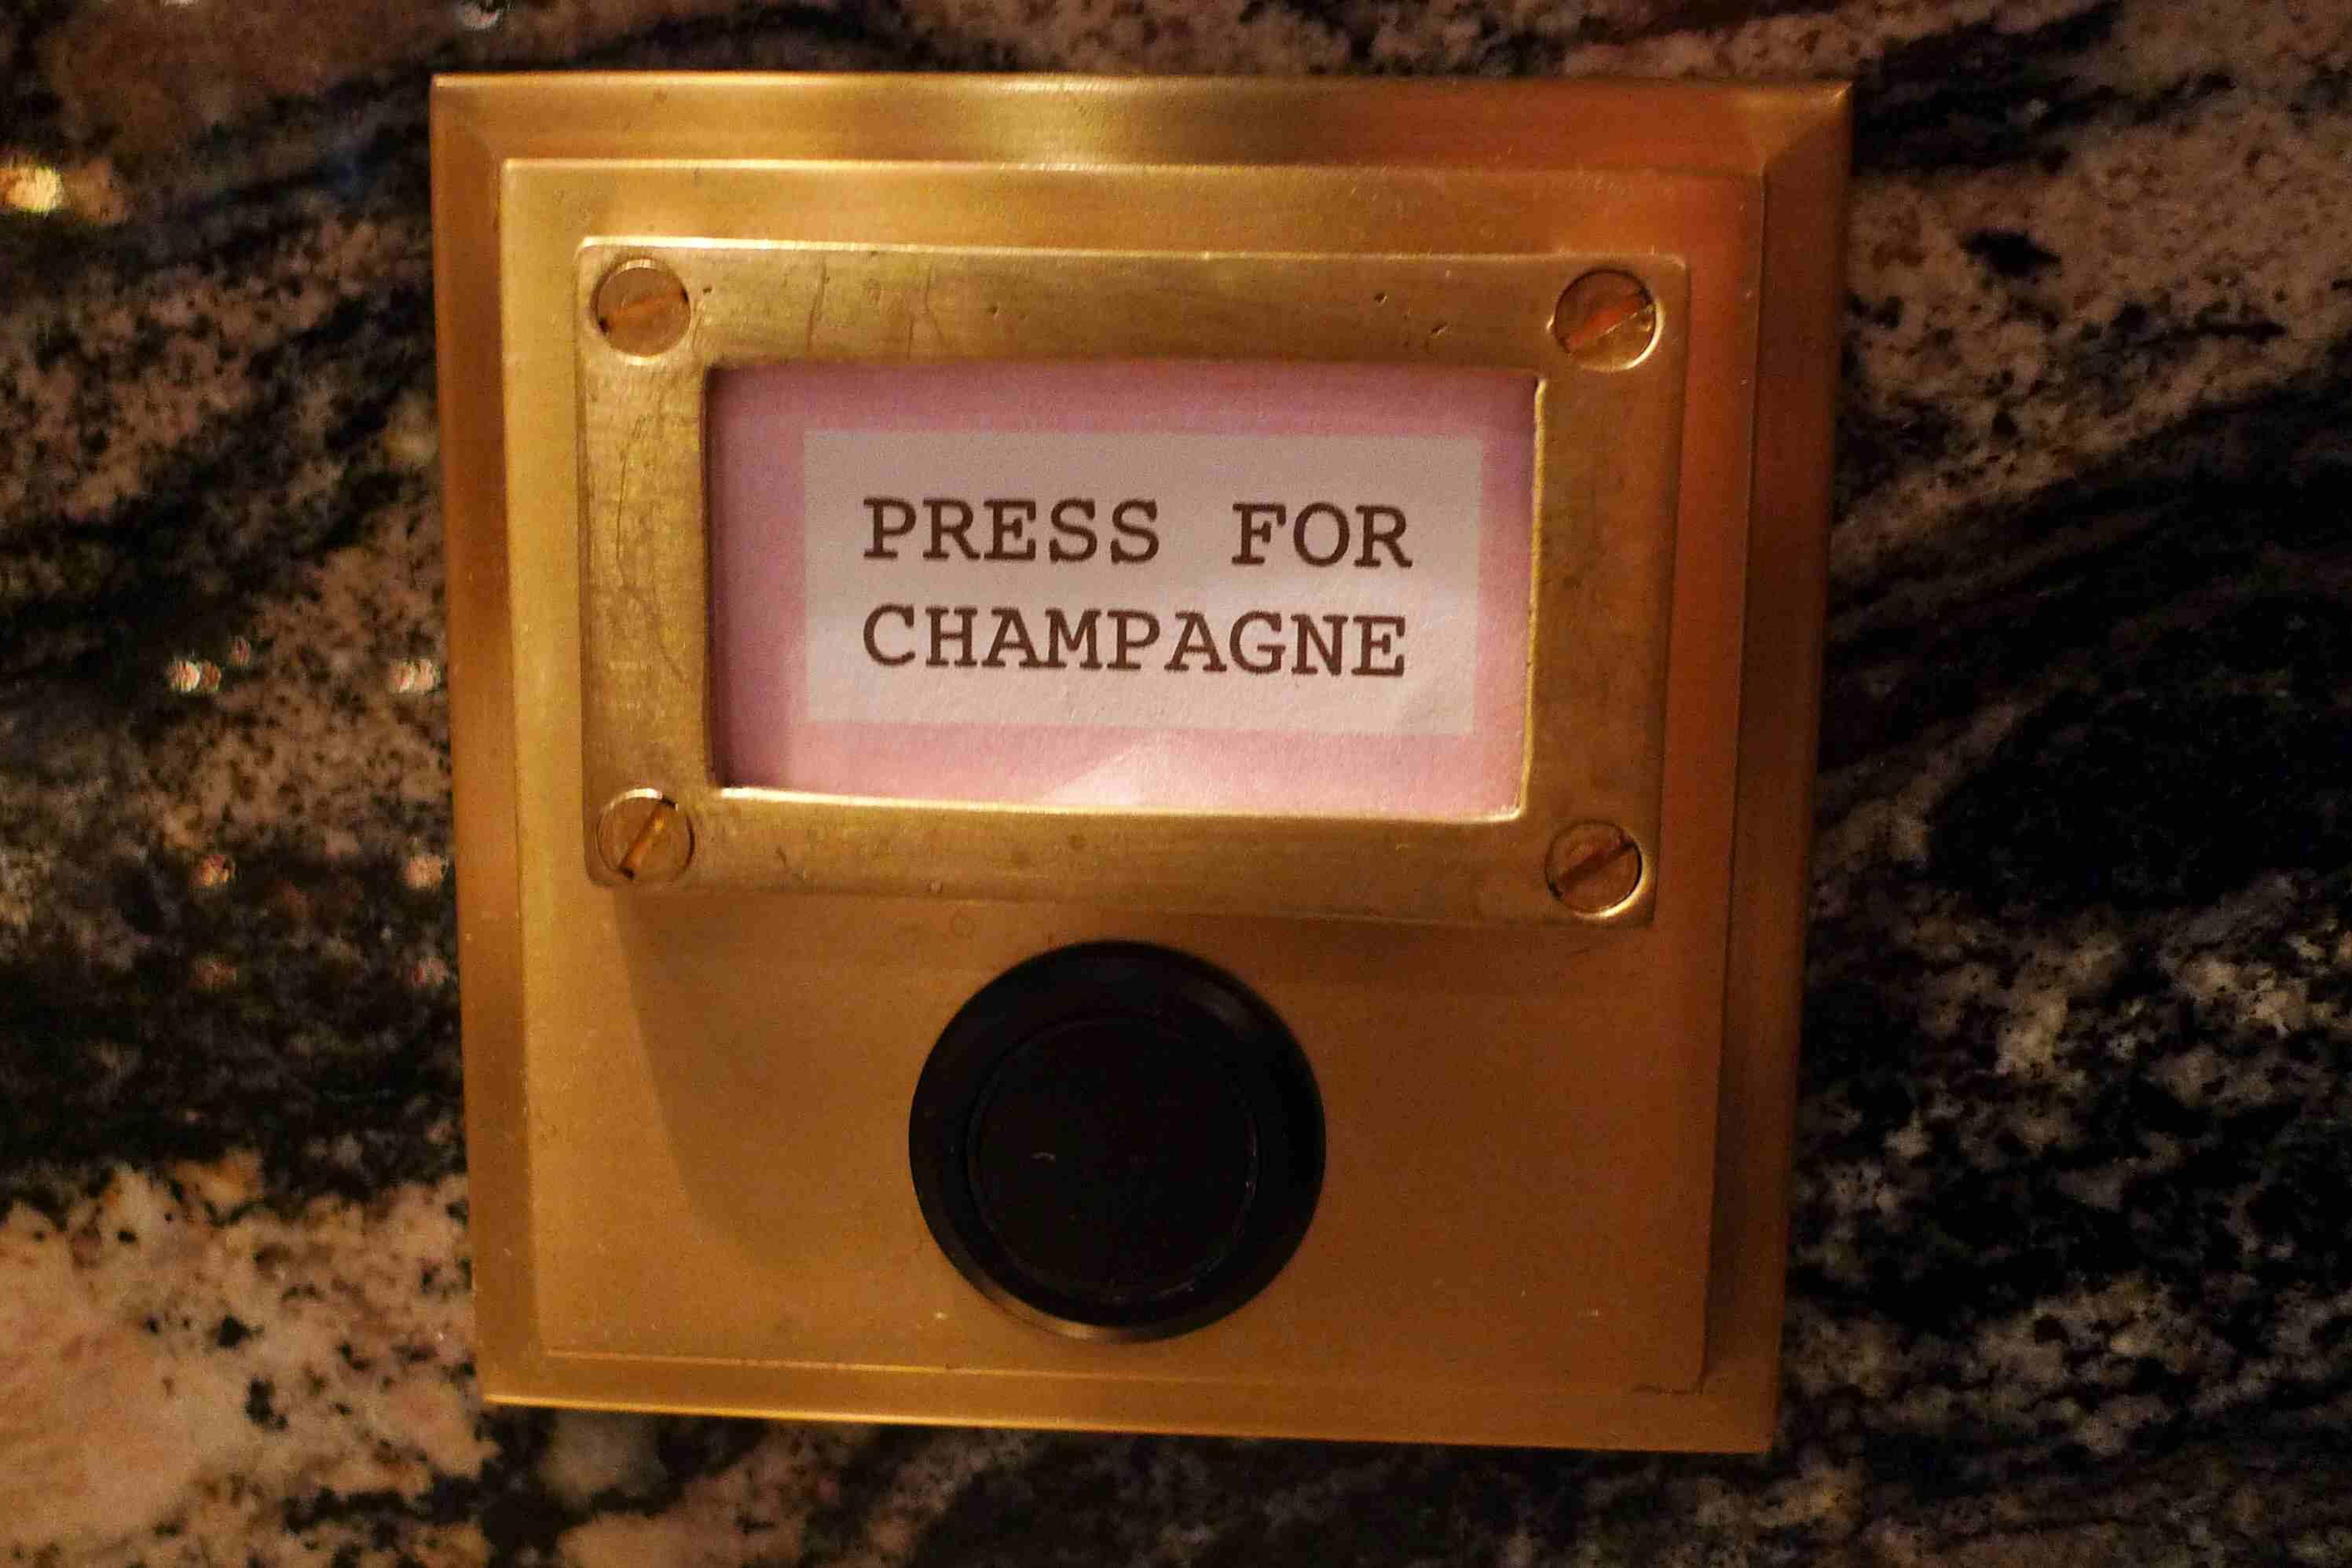 Press for Champagne button found at Bob Bob Ricard in London.